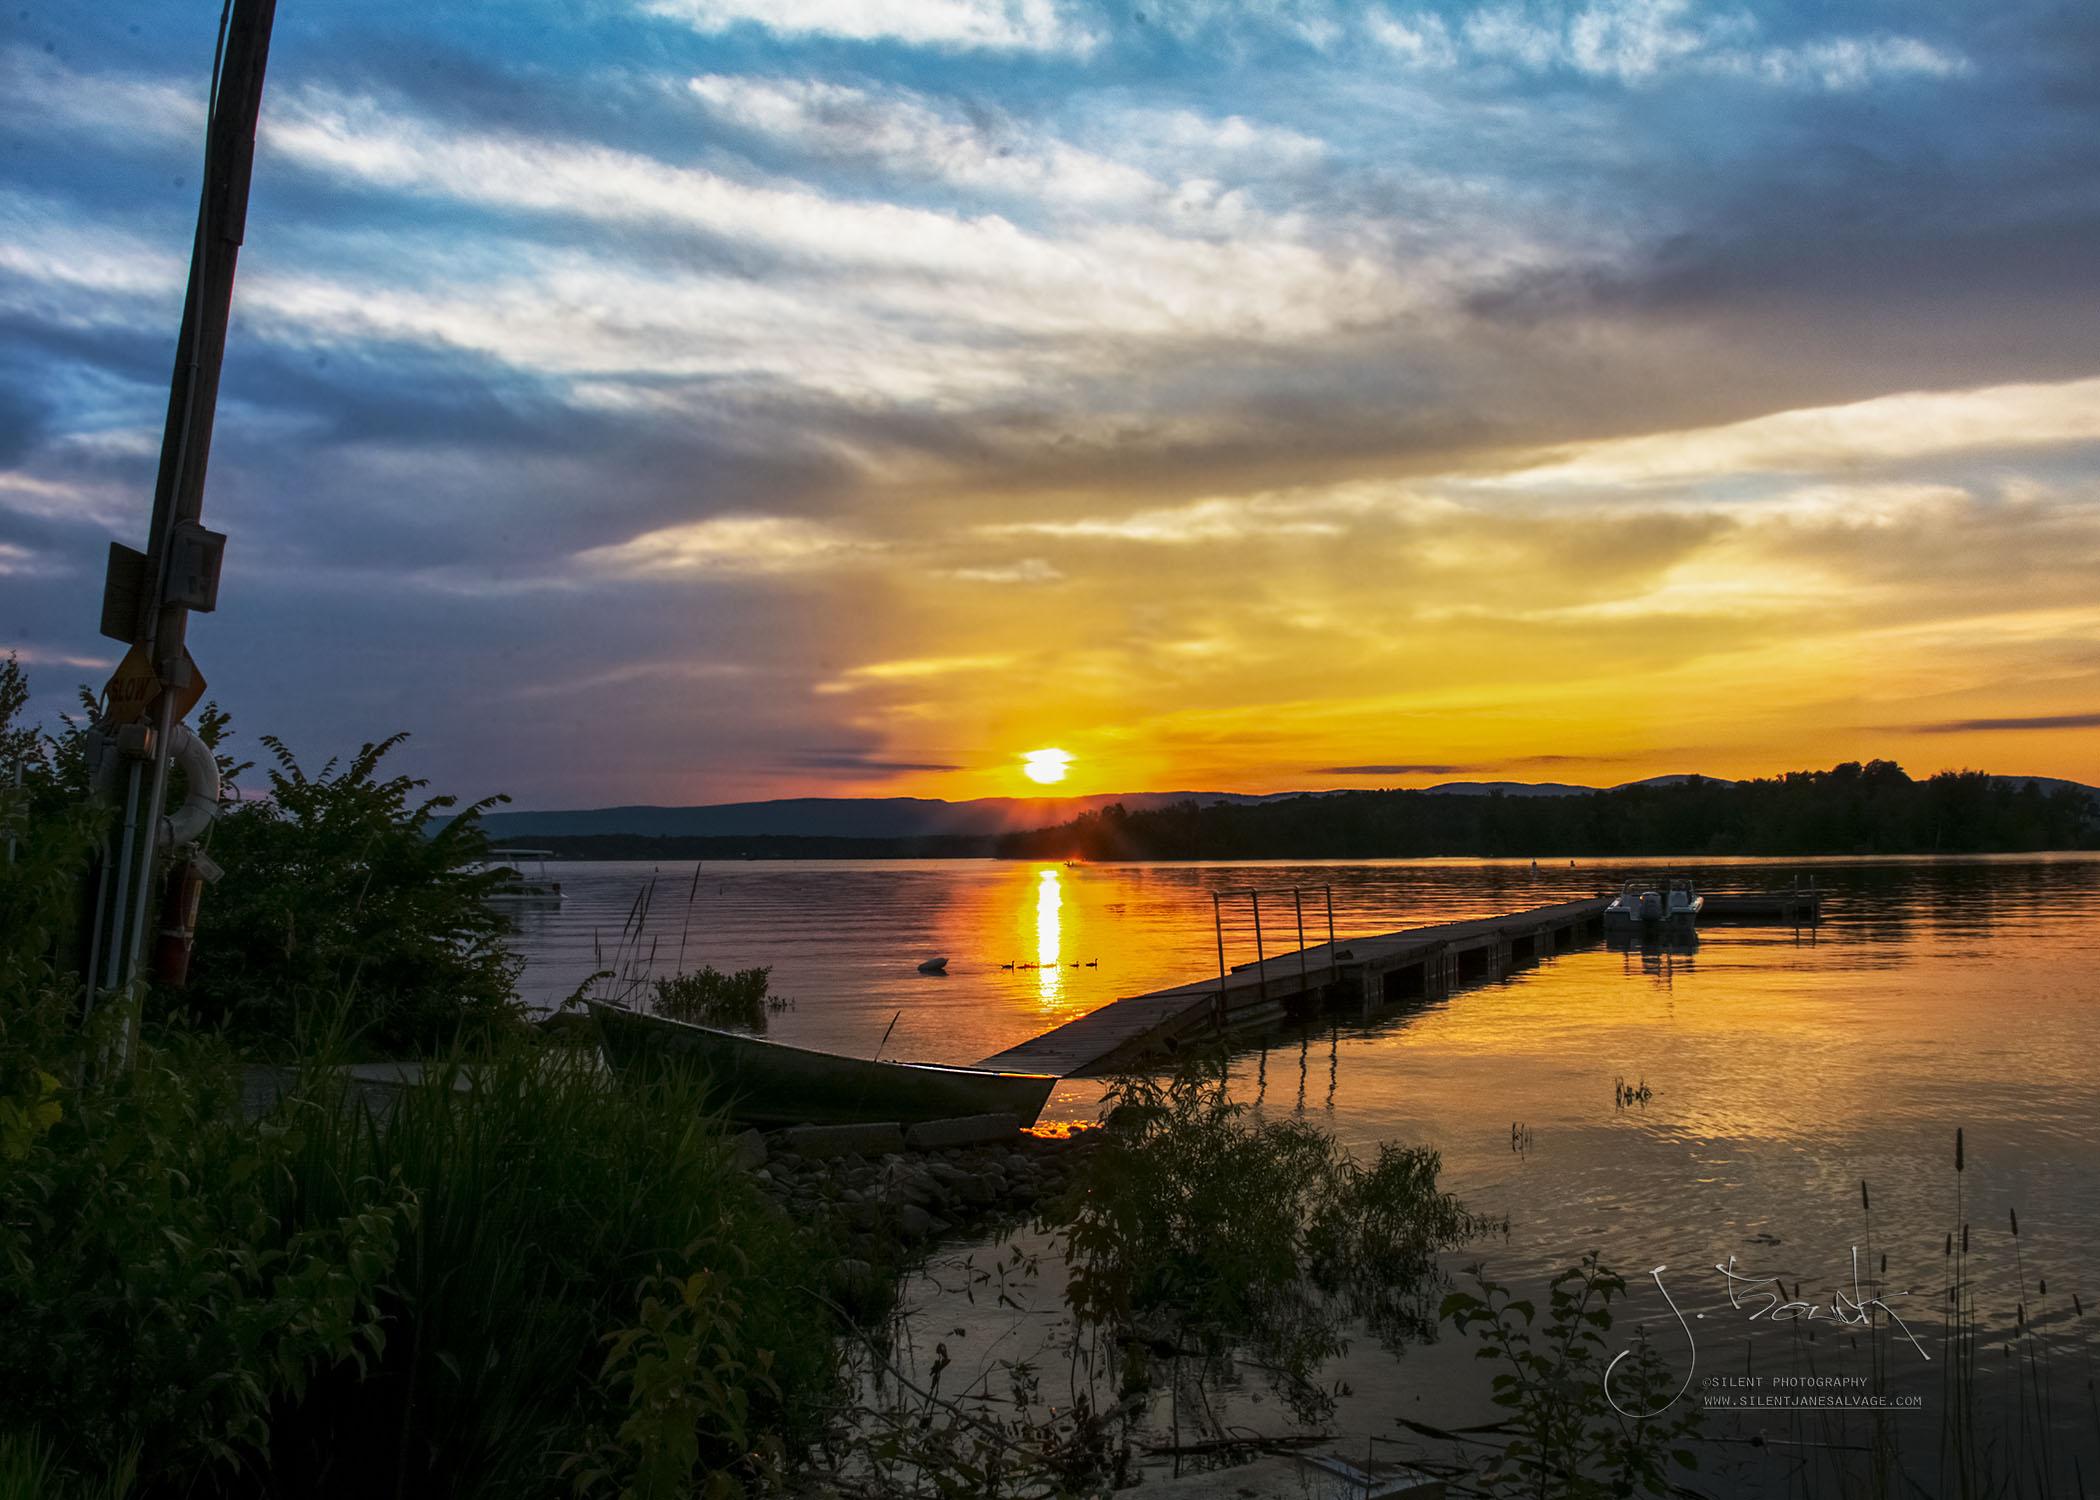 Sacandaga Sunset w Ducks 7123